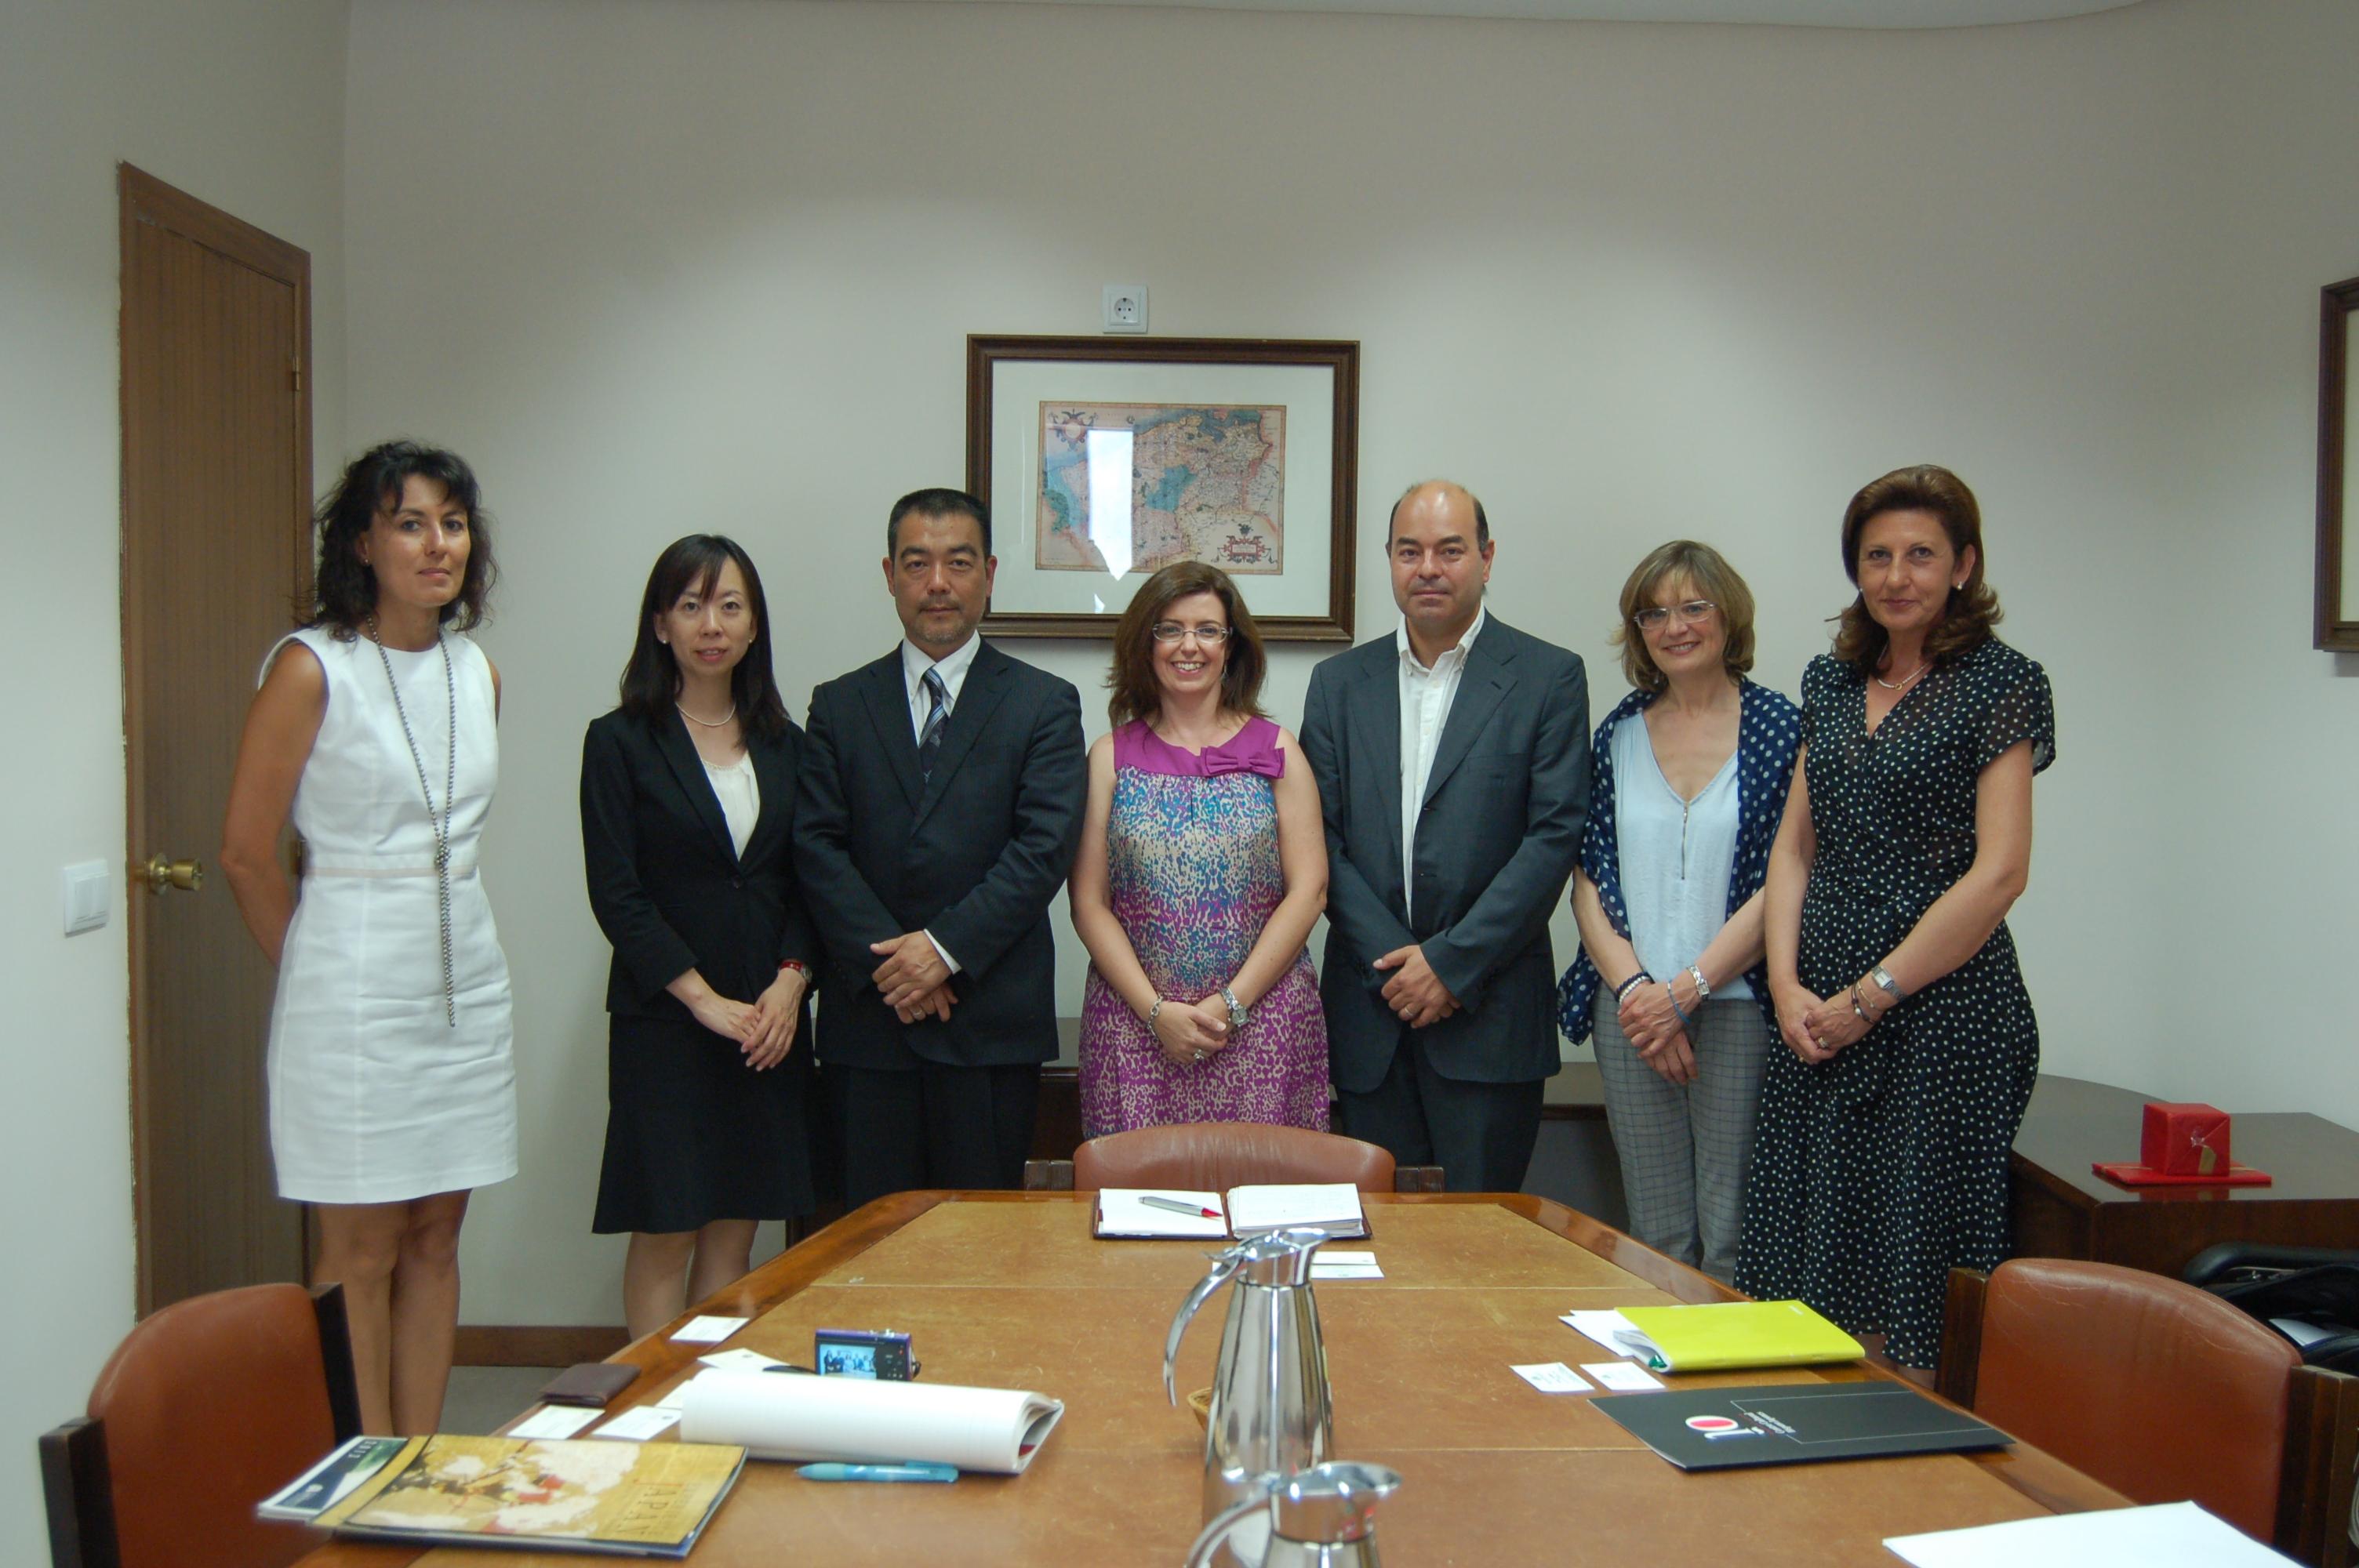 La vicerrectora de Relaciones Internacionales e Institucionales recibe a una delegación de la universidad japonesa Akita International